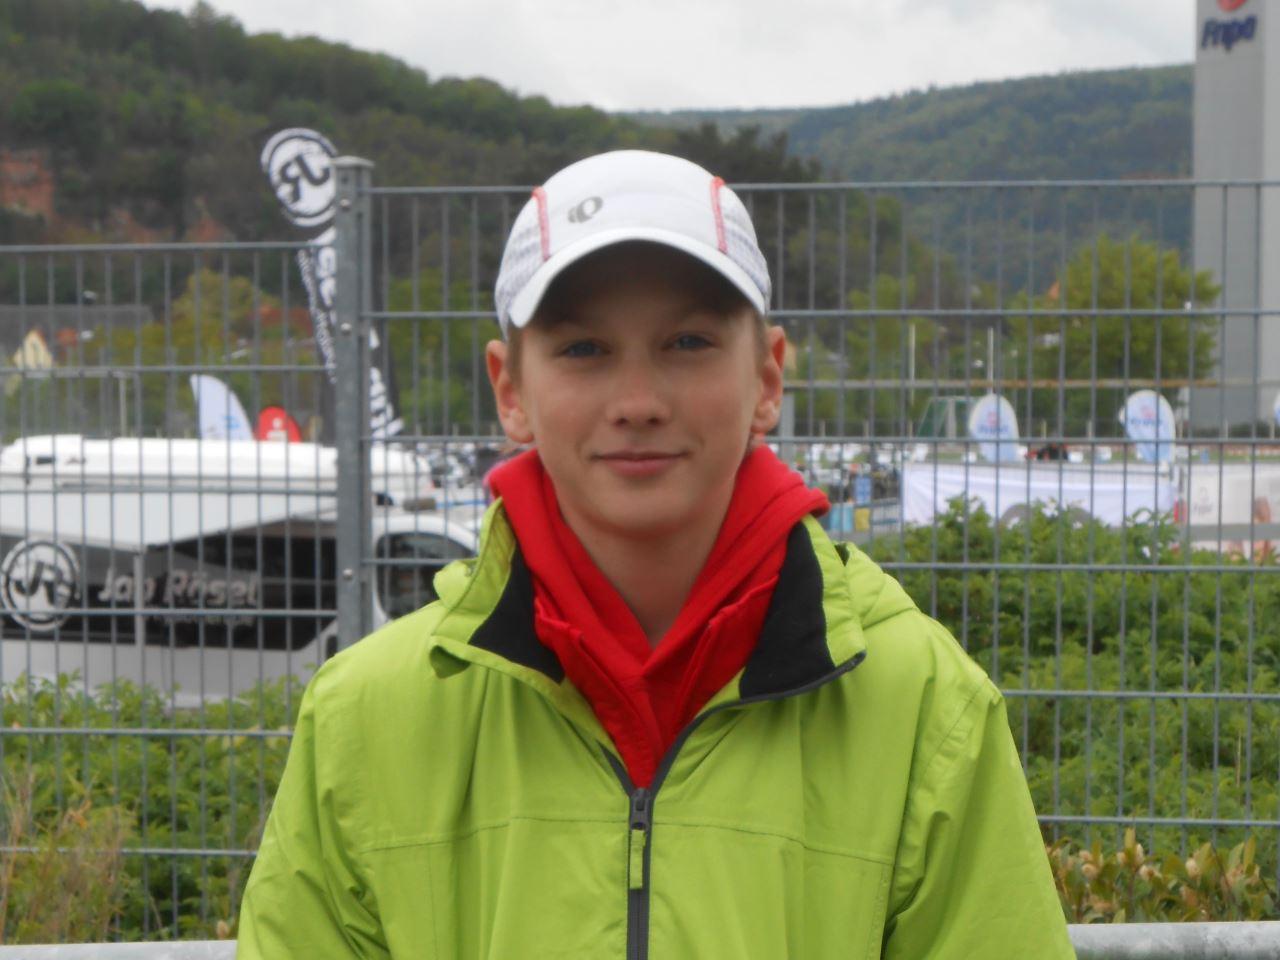 TV Schweinheim Leichtathletik - Jonathan Busch beim 2. Miltenberger Duathlon